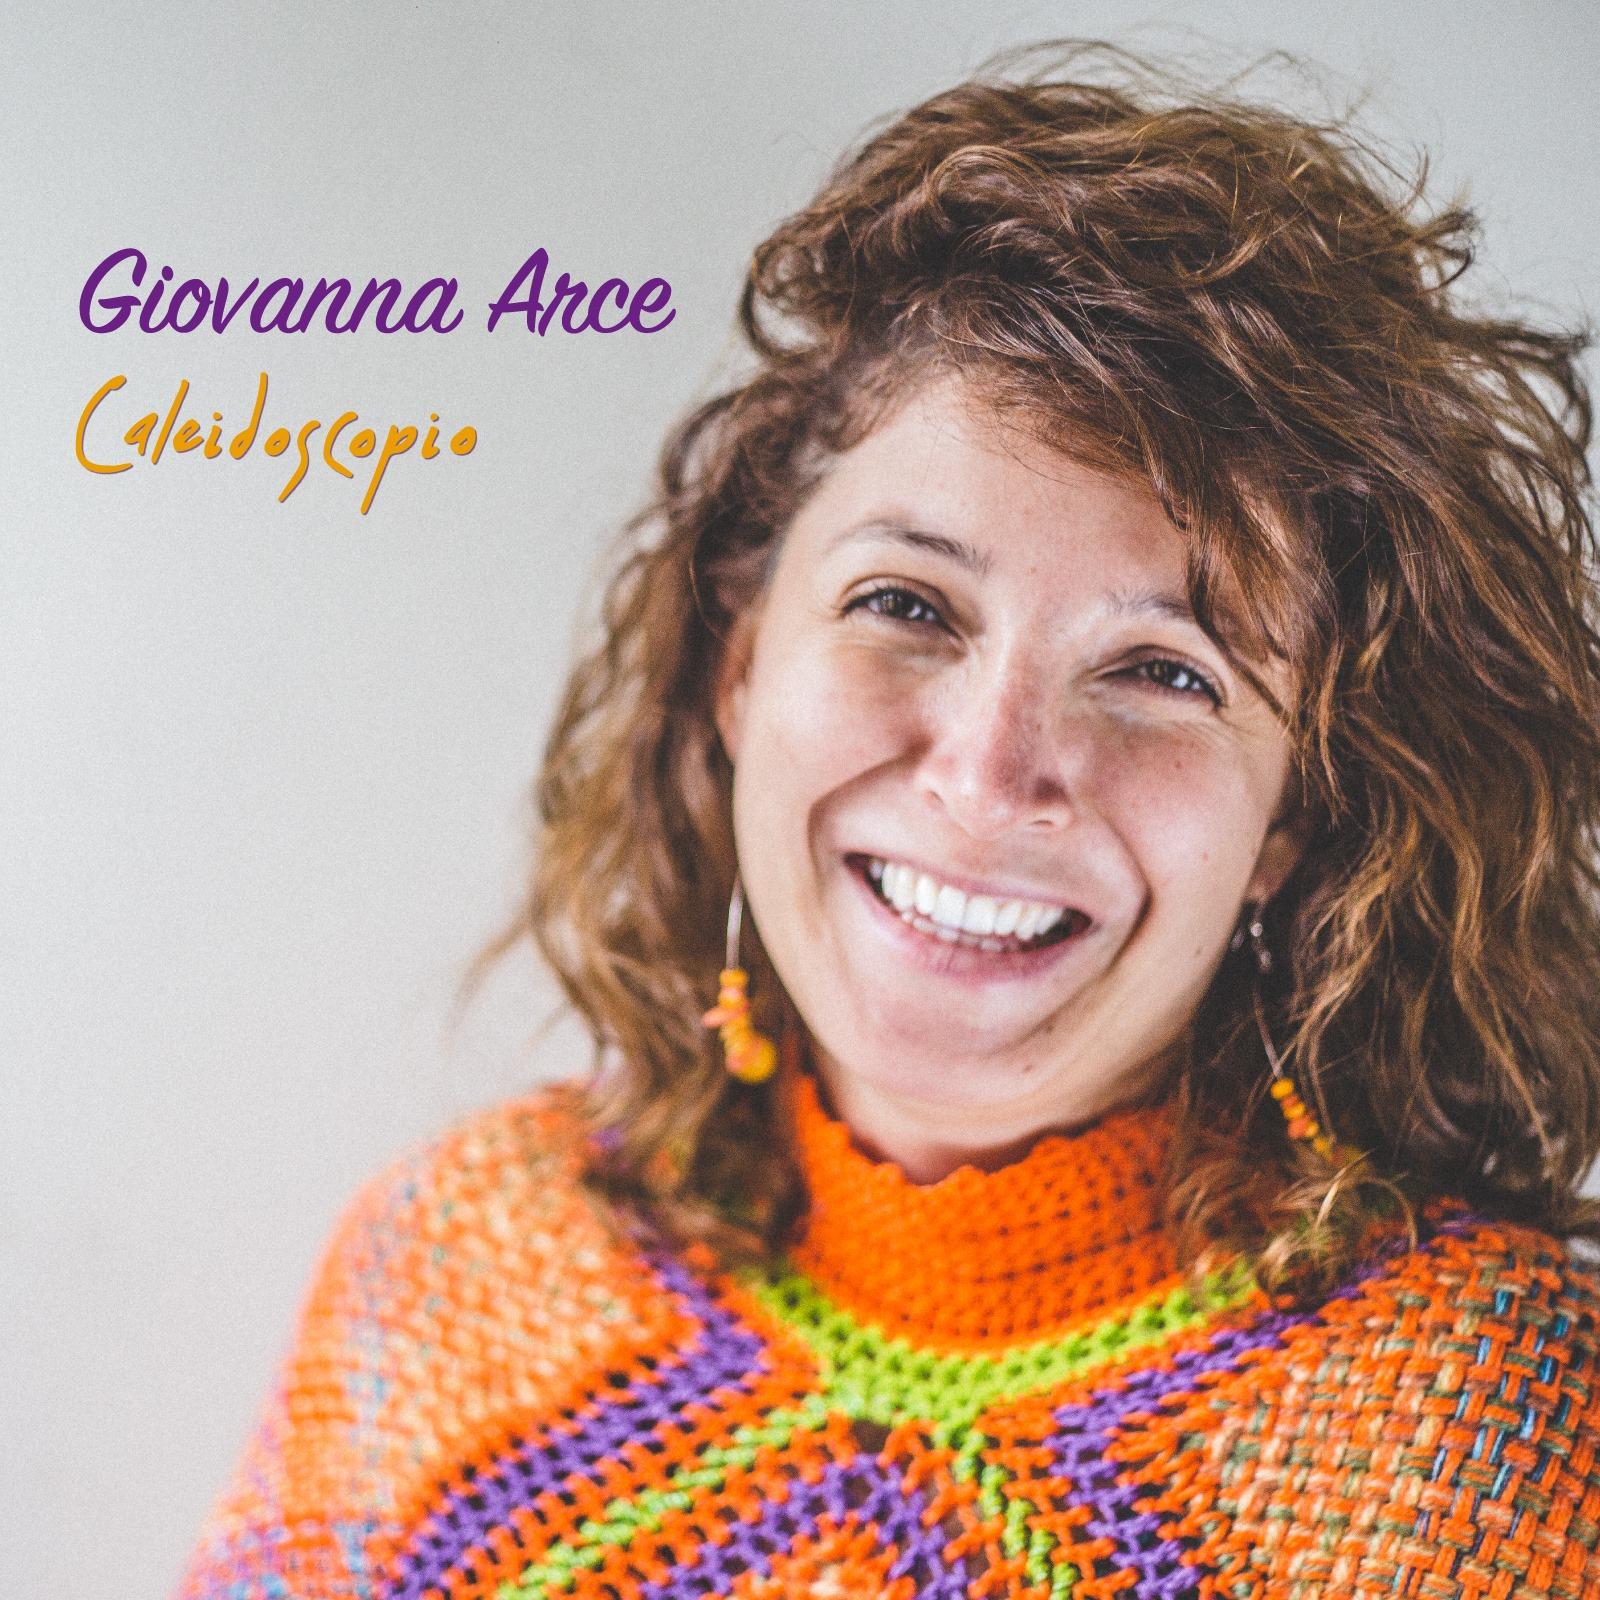 La Revelación Femenina del momento Giovanna Arce presenta … Aquel Muelle